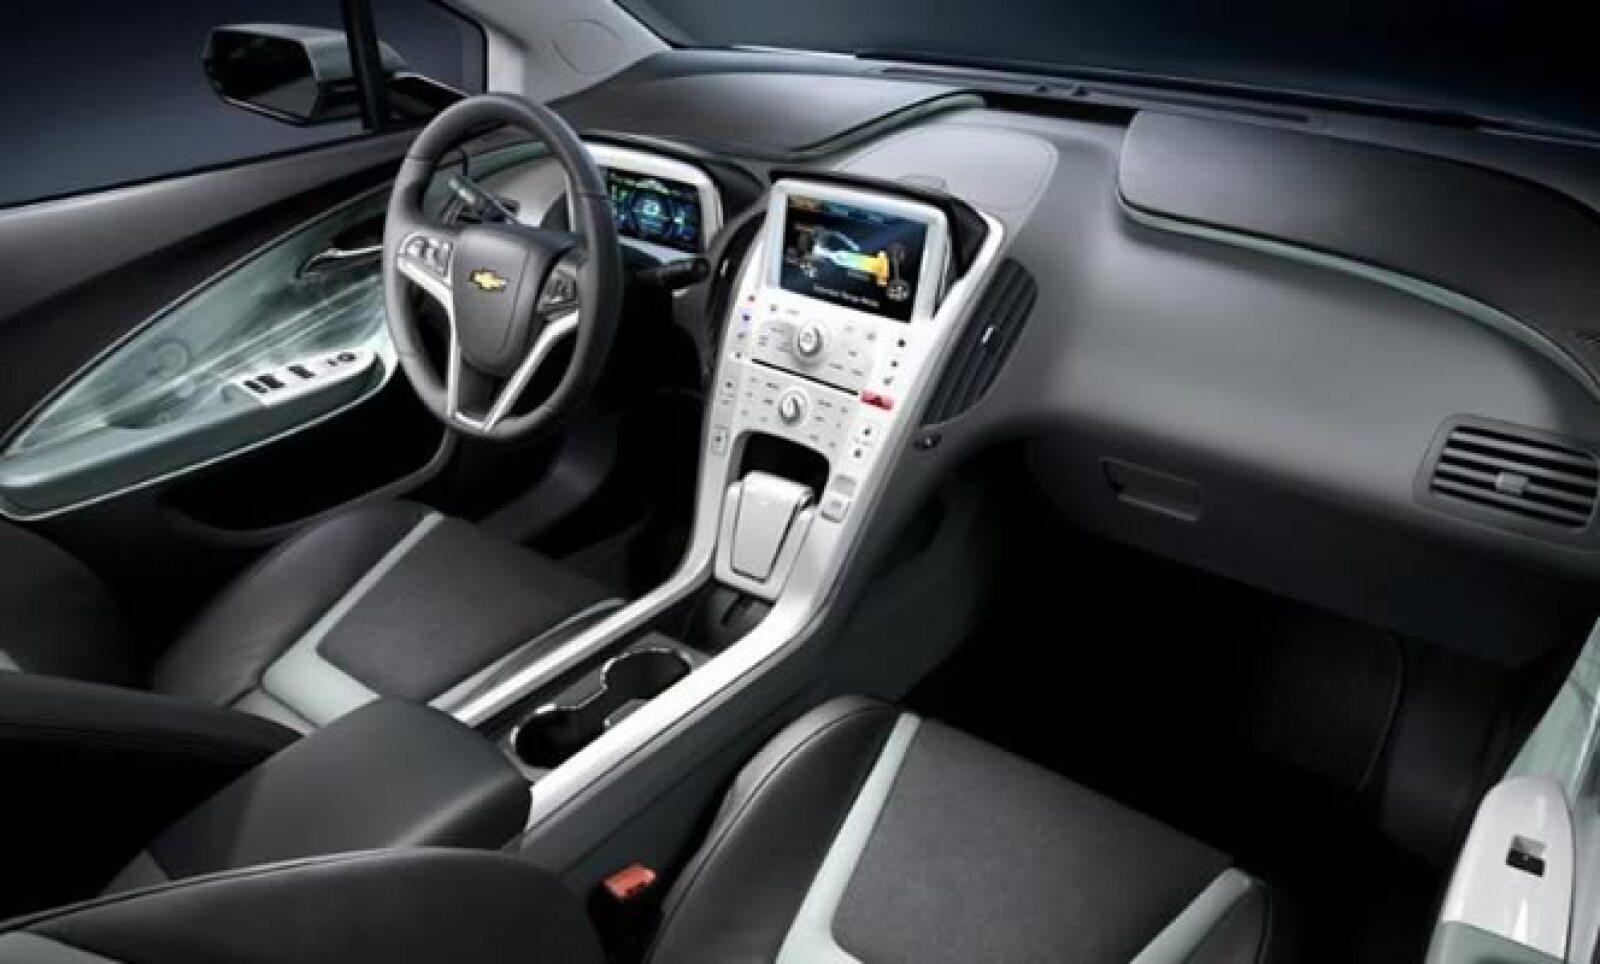 El Volt cuenta con ocho bolsas de aire y control de estabilidad electrónico StabiliTrak con control de tracción.